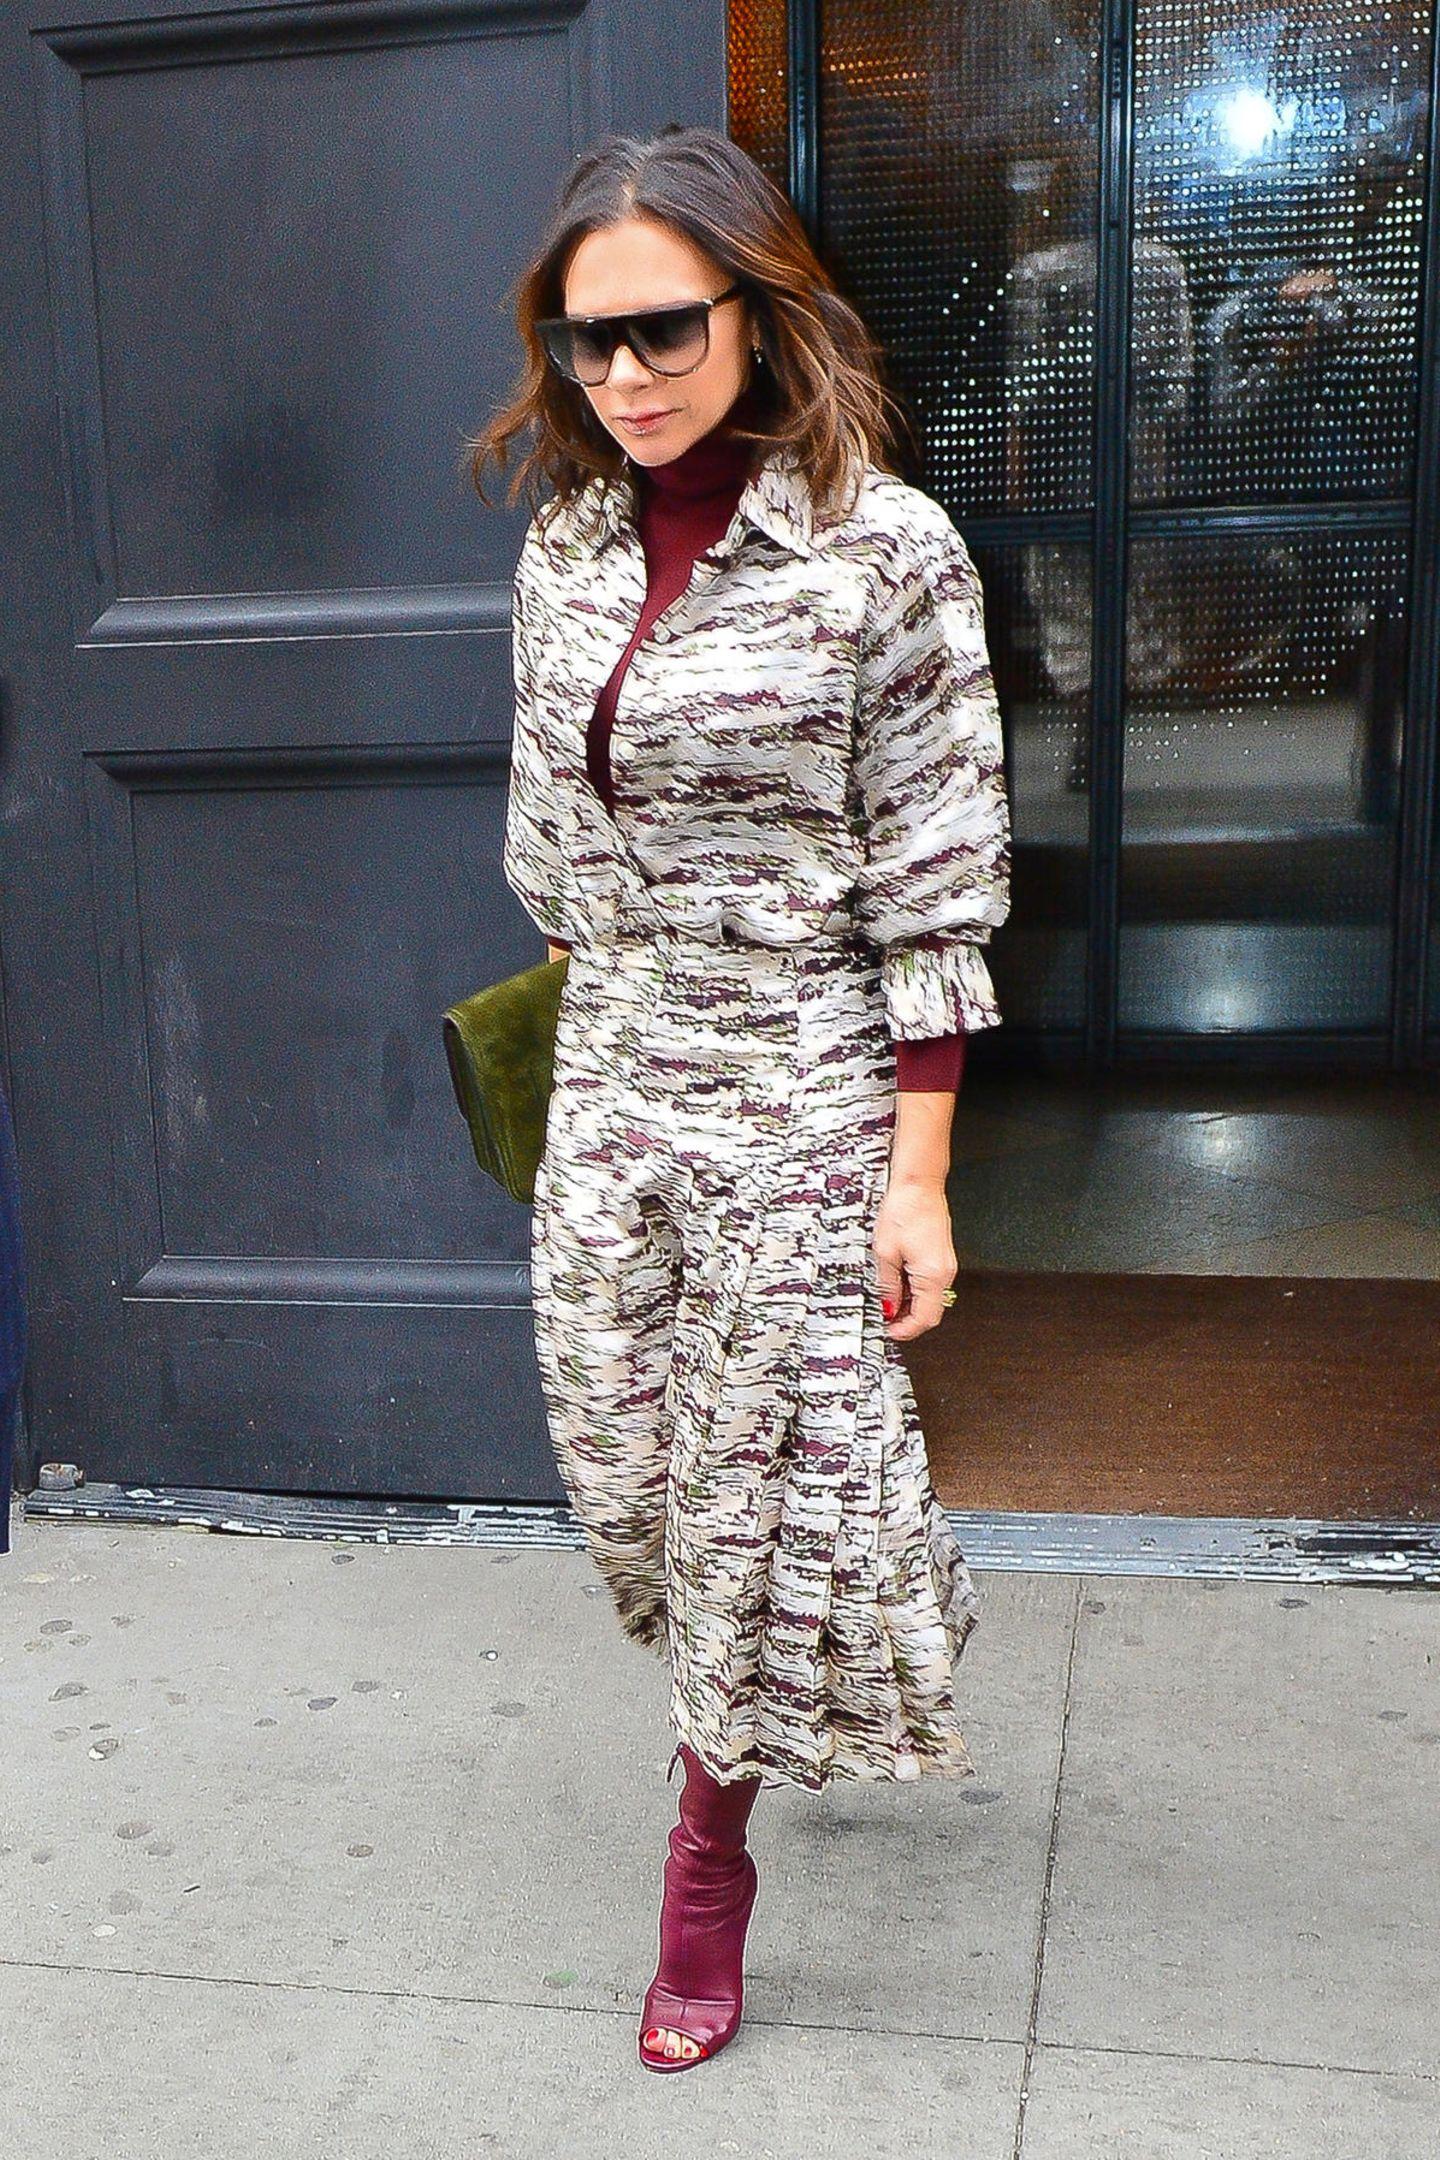 Victoria Beckham hat für Reebok eine Kollektion designt. Für die Launch-Party in London hat sie sich die Ehefrau von Star-Kicker David Beckham für ein Outfit entschieden, dass sie später am Abend kurzerhand umstylt ..